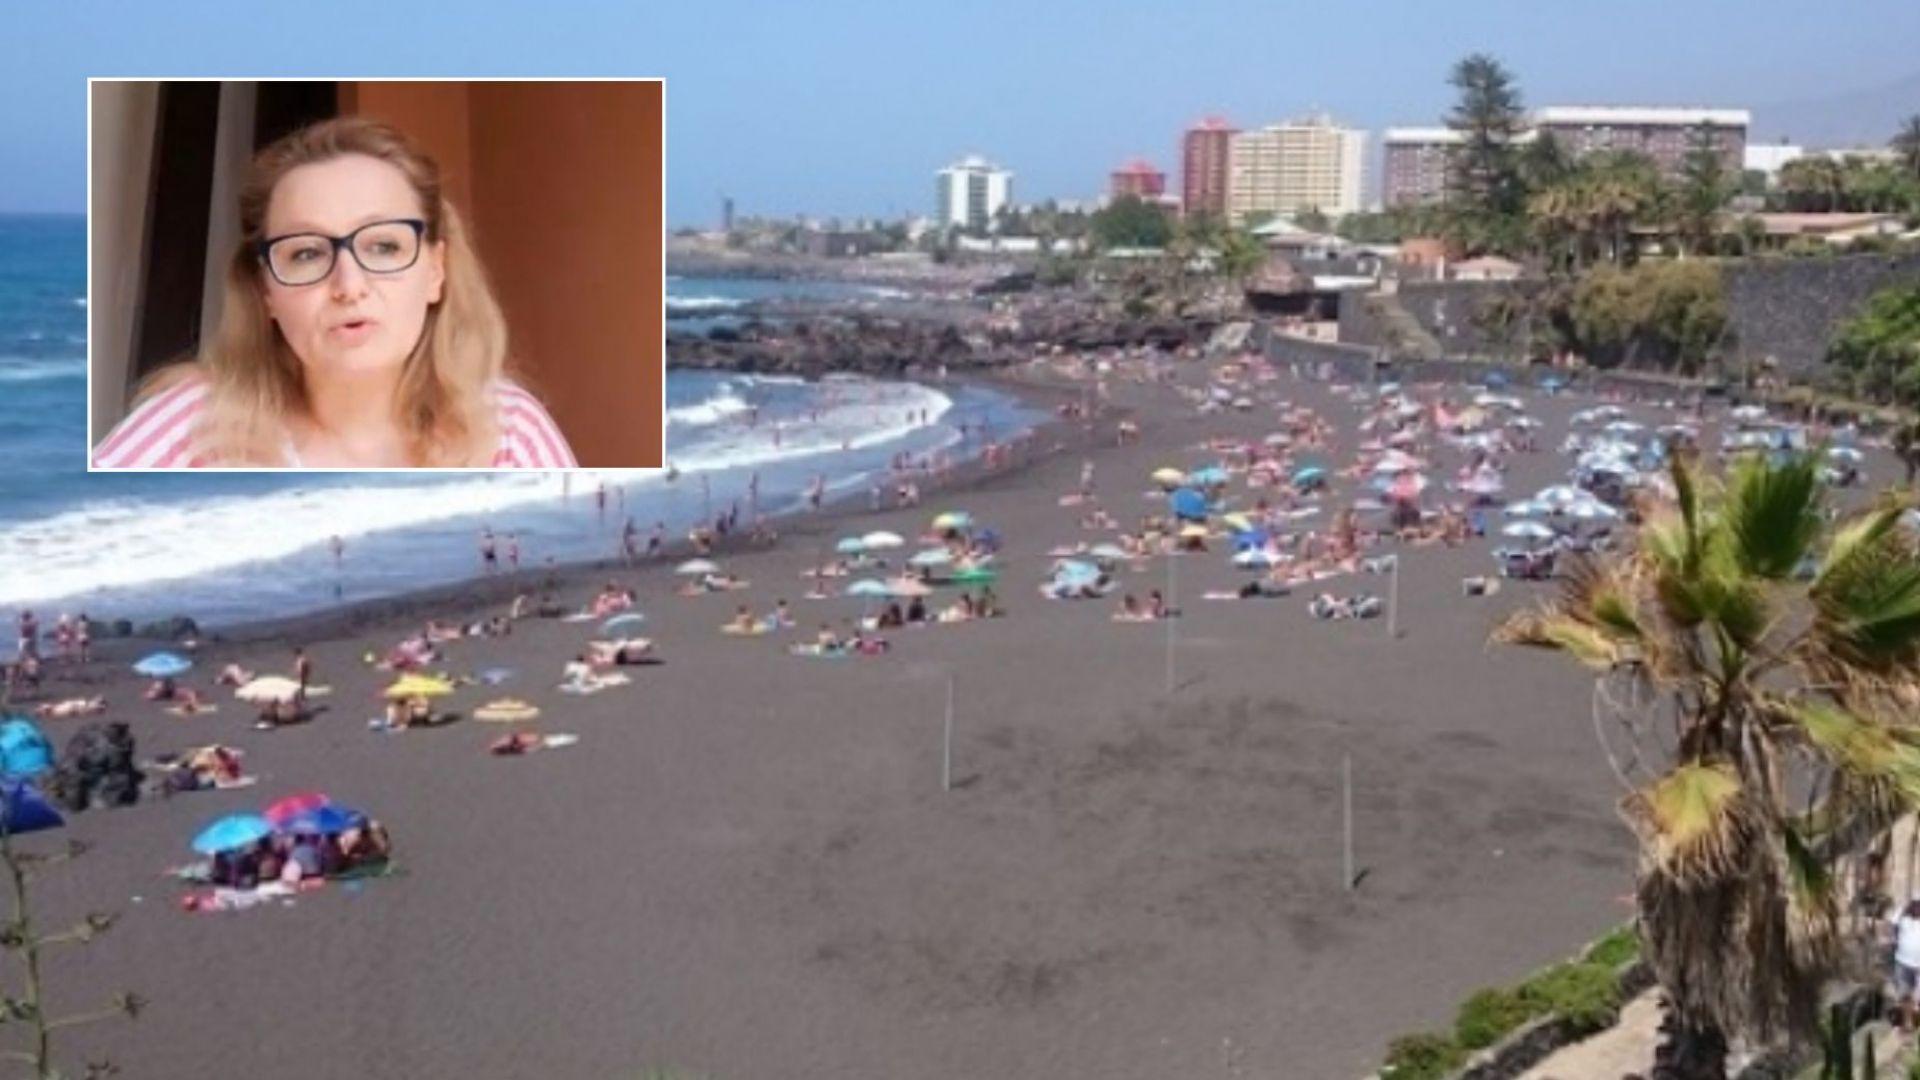 Българката, блокирана в хотел в Тенерифе: Не ни разрешават да излизаме, седим си по стаите